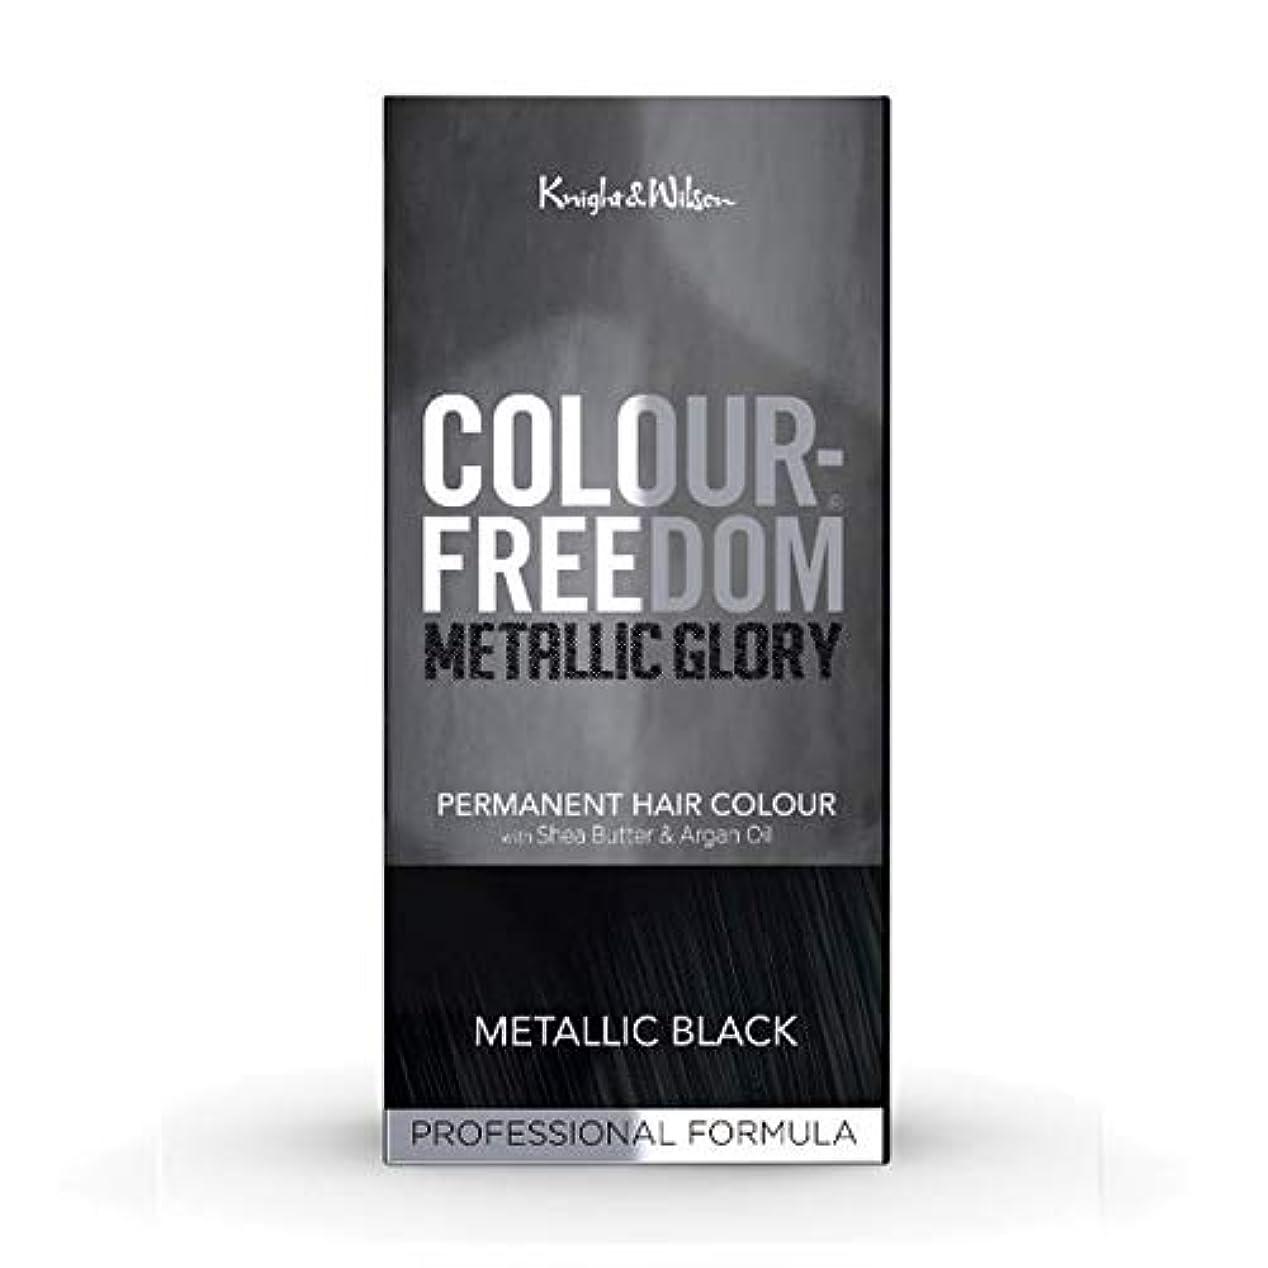 恒久的オリエンテーションケーブル[Colour Freedom ] カラー自由メタリック栄光の金属黒117 - Colour Freedom Metallic Glory Metallic Black 117 [並行輸入品]